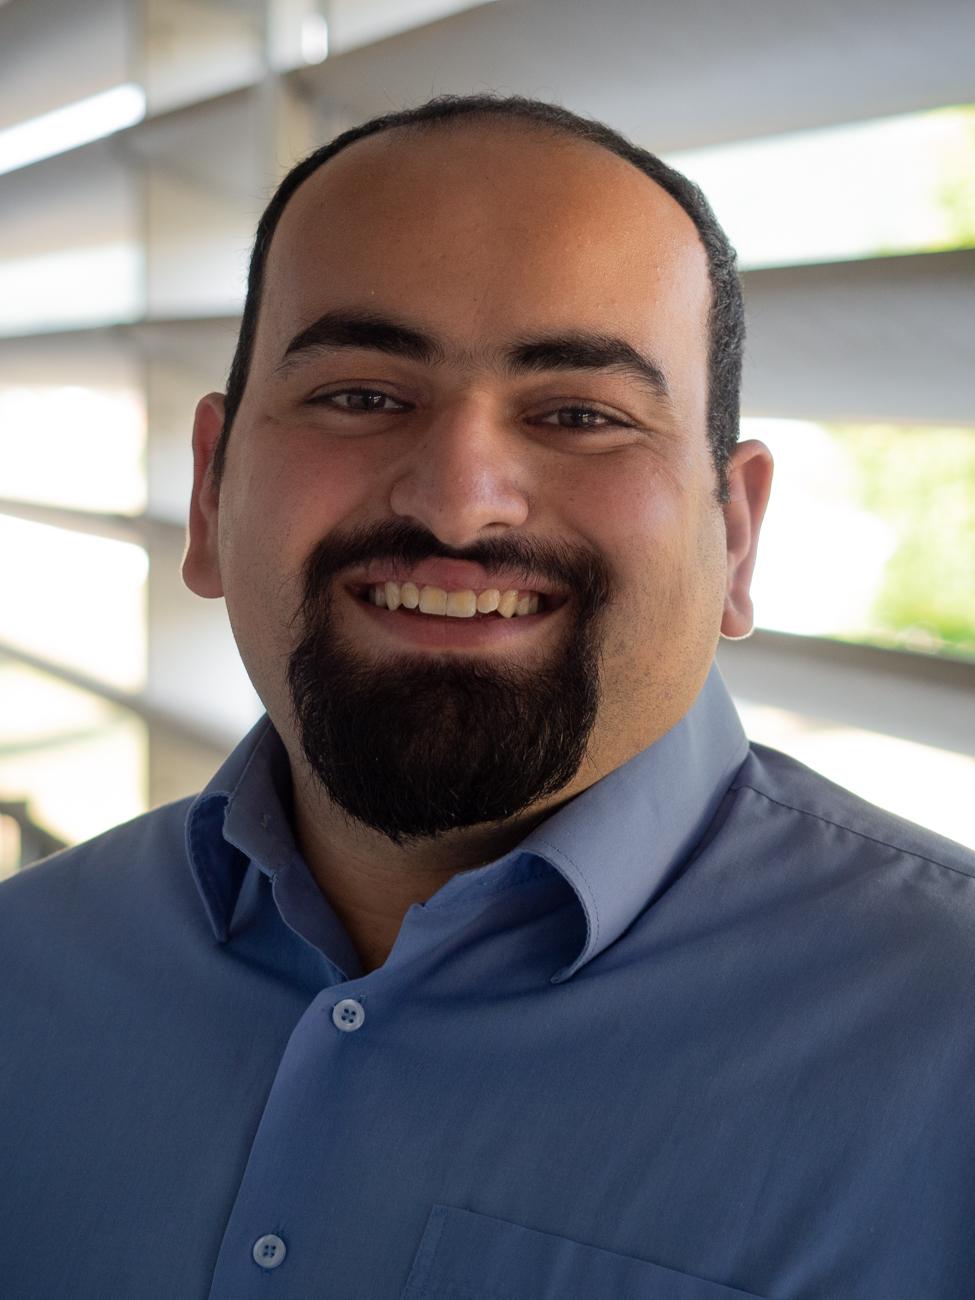 Ramiz Haidar Salim Qussous